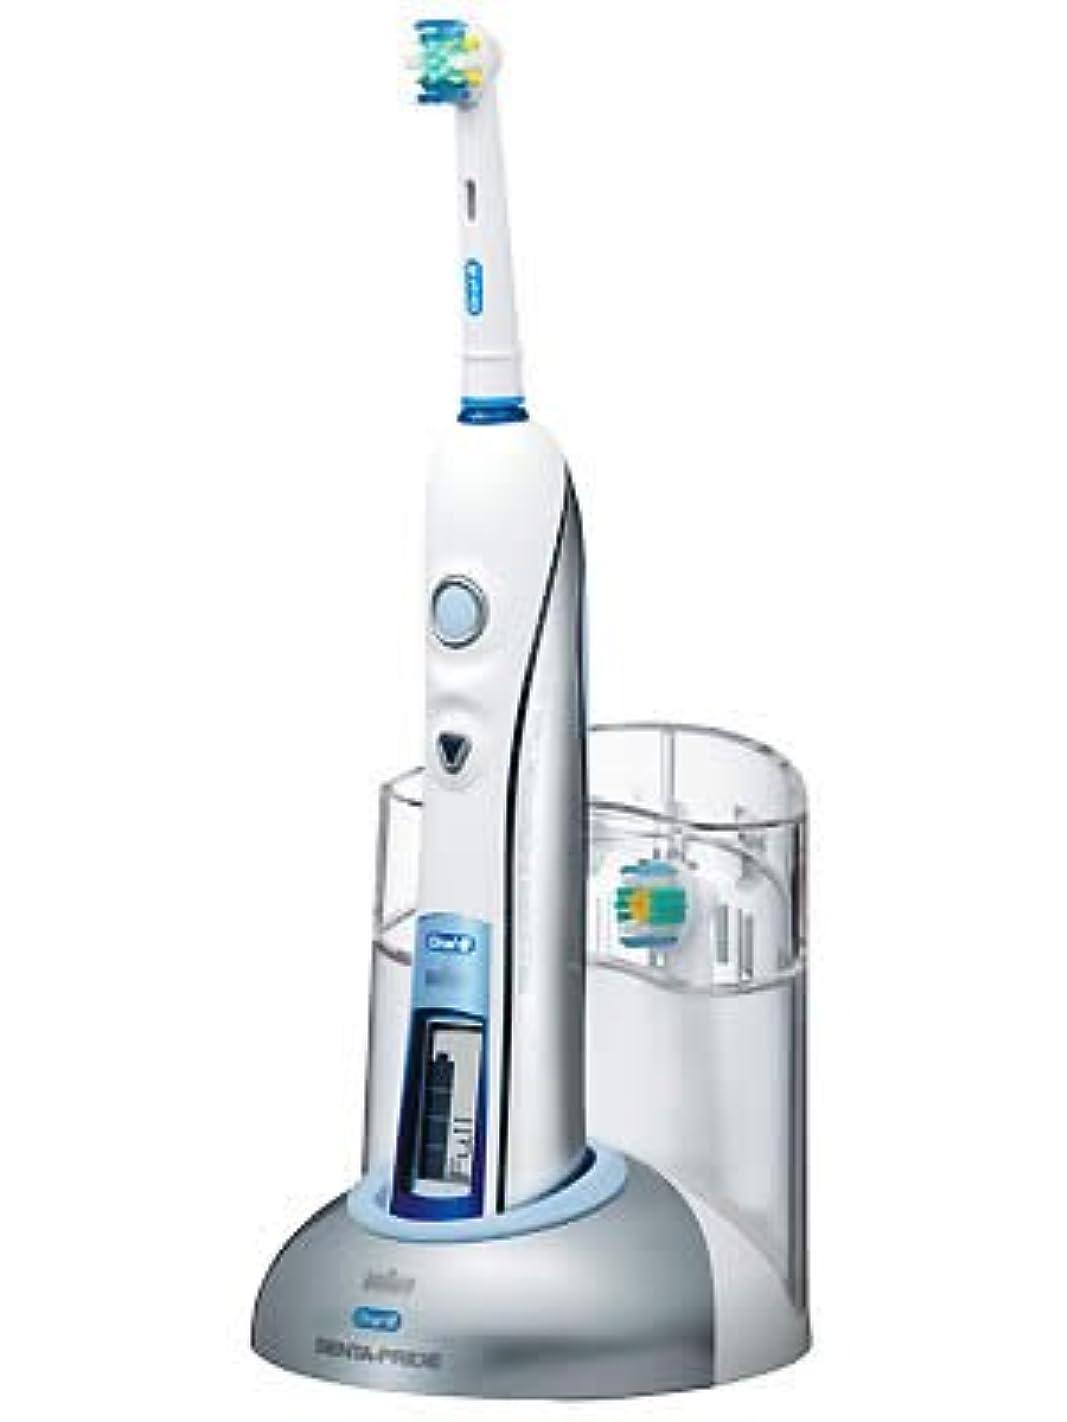 資本友だちのぞき見ブラウン オーラルB 電動歯ブラシ デンタプライド デラックス D255264